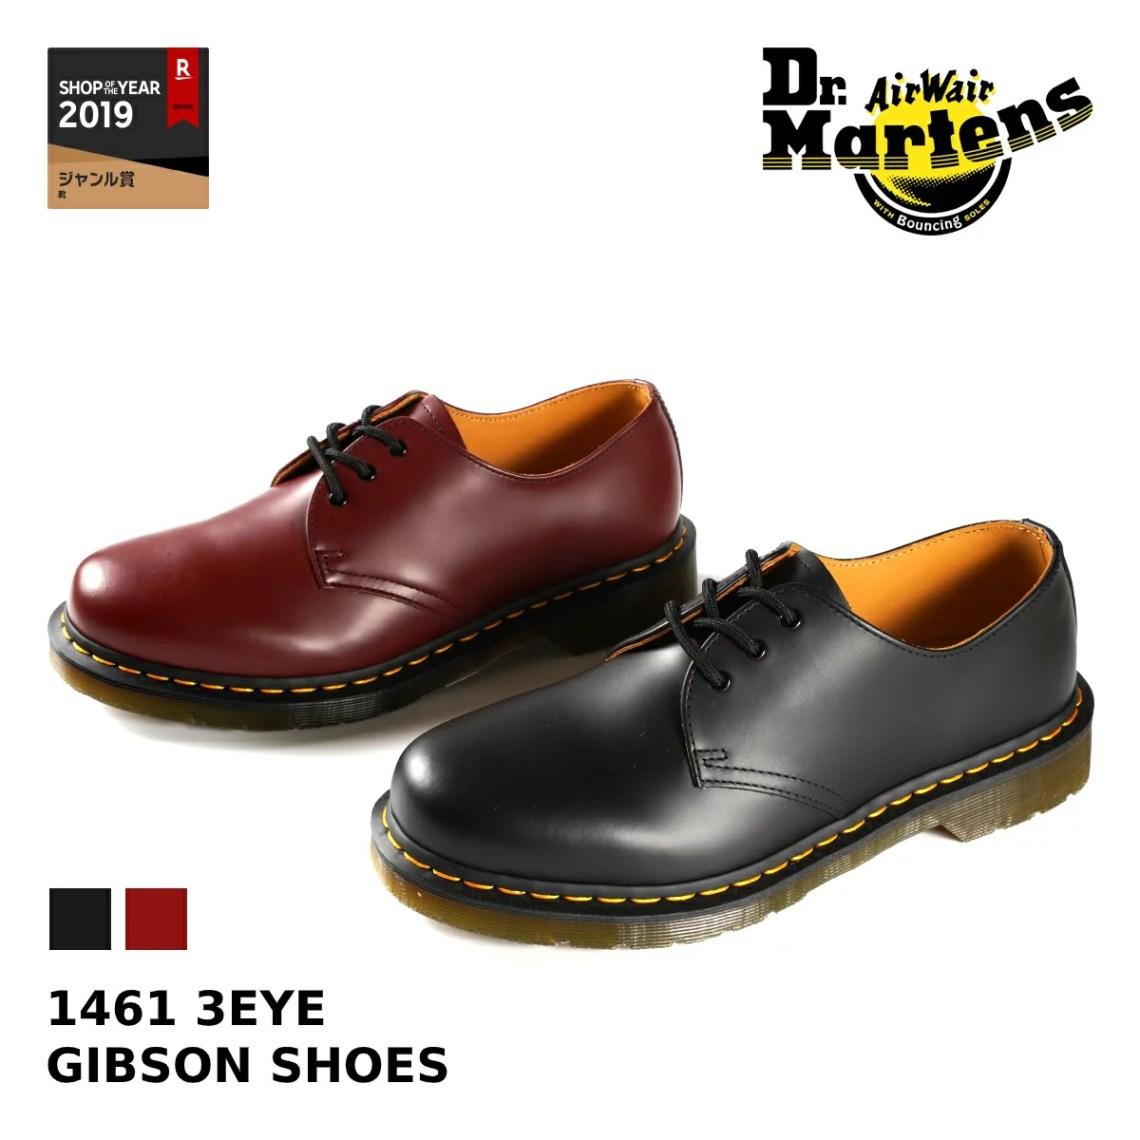 Dr.Martens 1461 3EYE GIBSON SHOES 【メンズ】【レディース】ドクターマーチン 3アイレット ギブソンシュ...